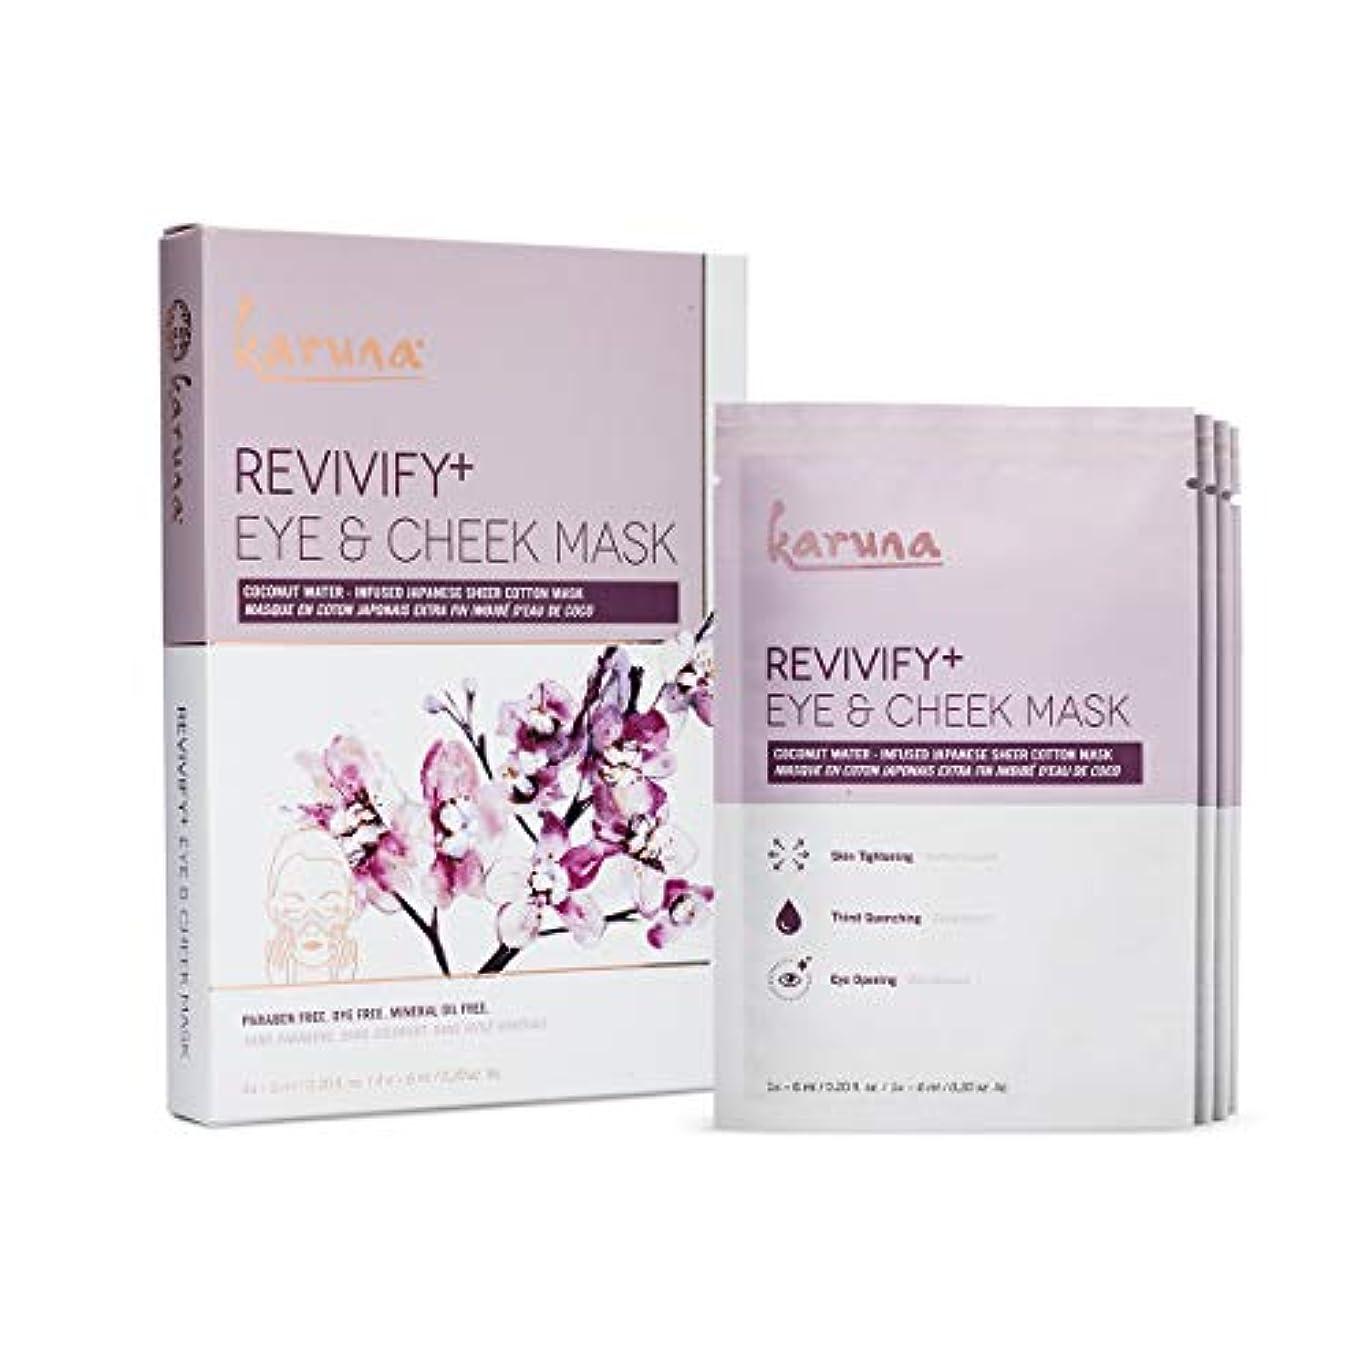 オール美的促進するKaruna Revivify+ Eye & Cheek Mask 4sheets並行輸入品